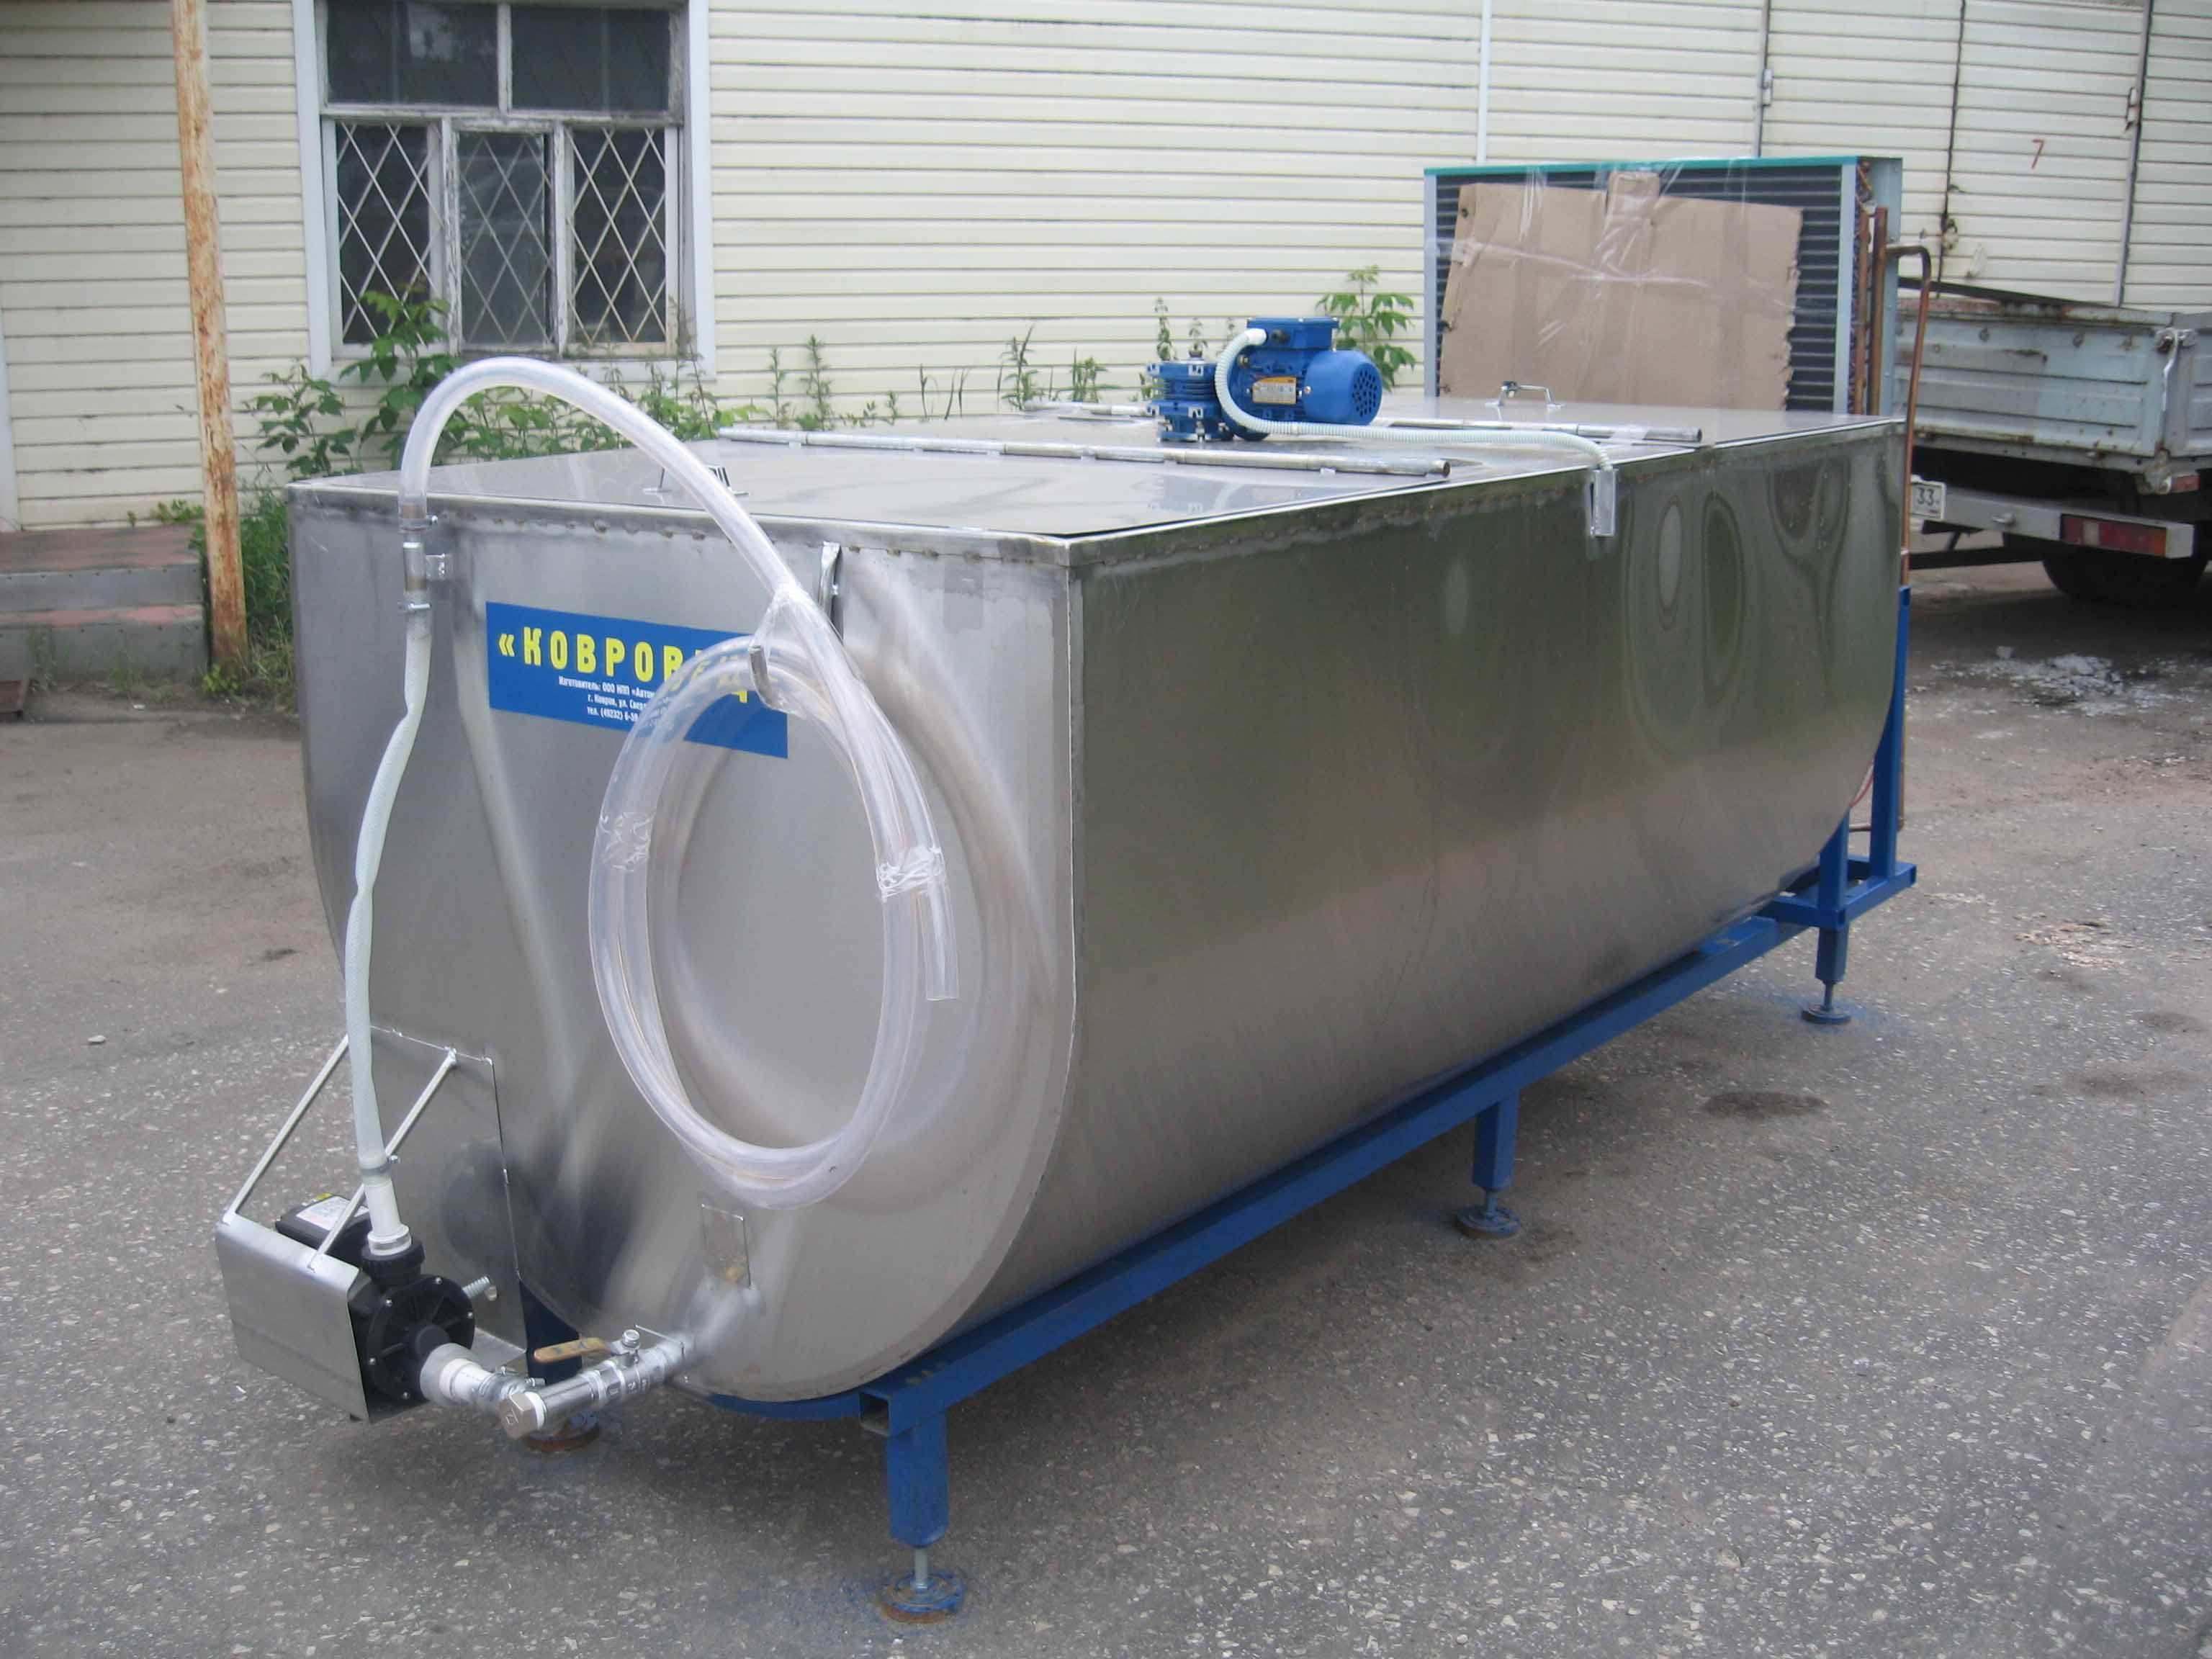 молокоохладитель wedholms инструкция по эксплуатации